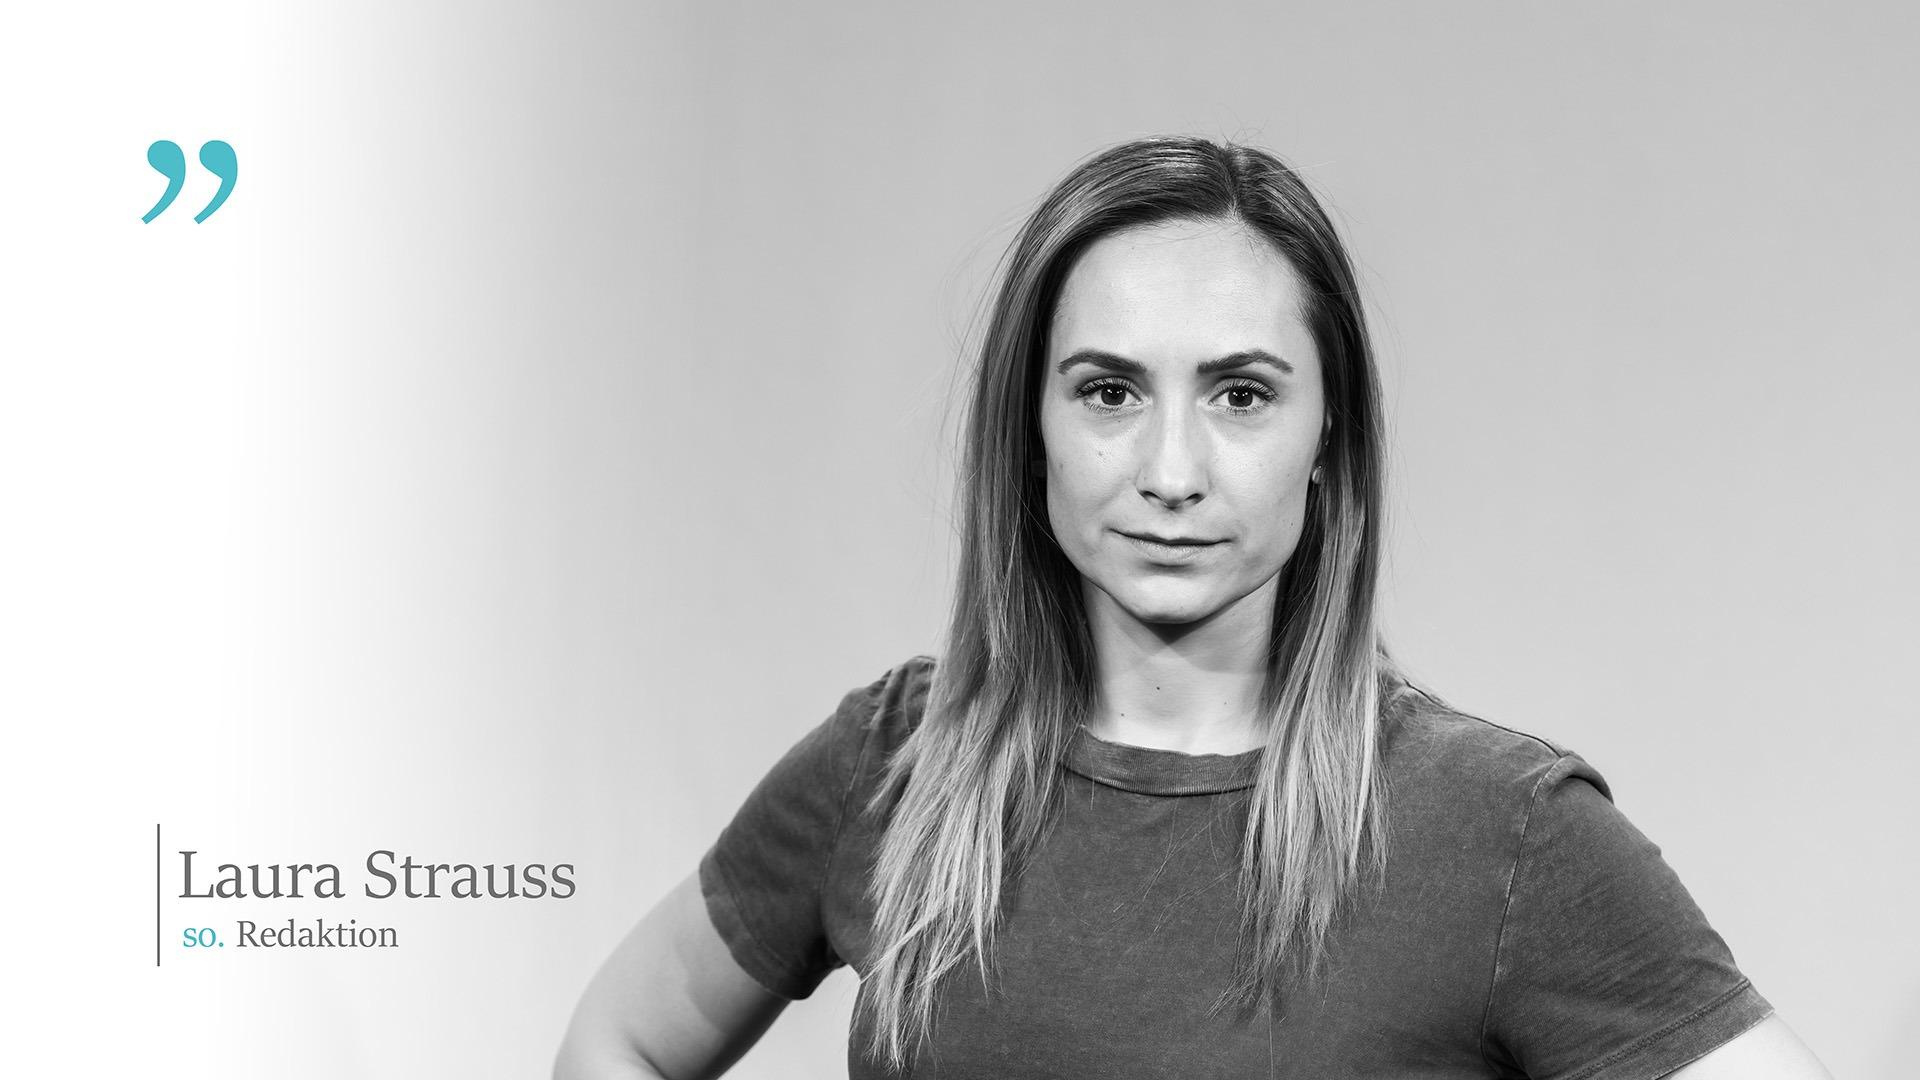 Laura Strauss | so. Redaktion